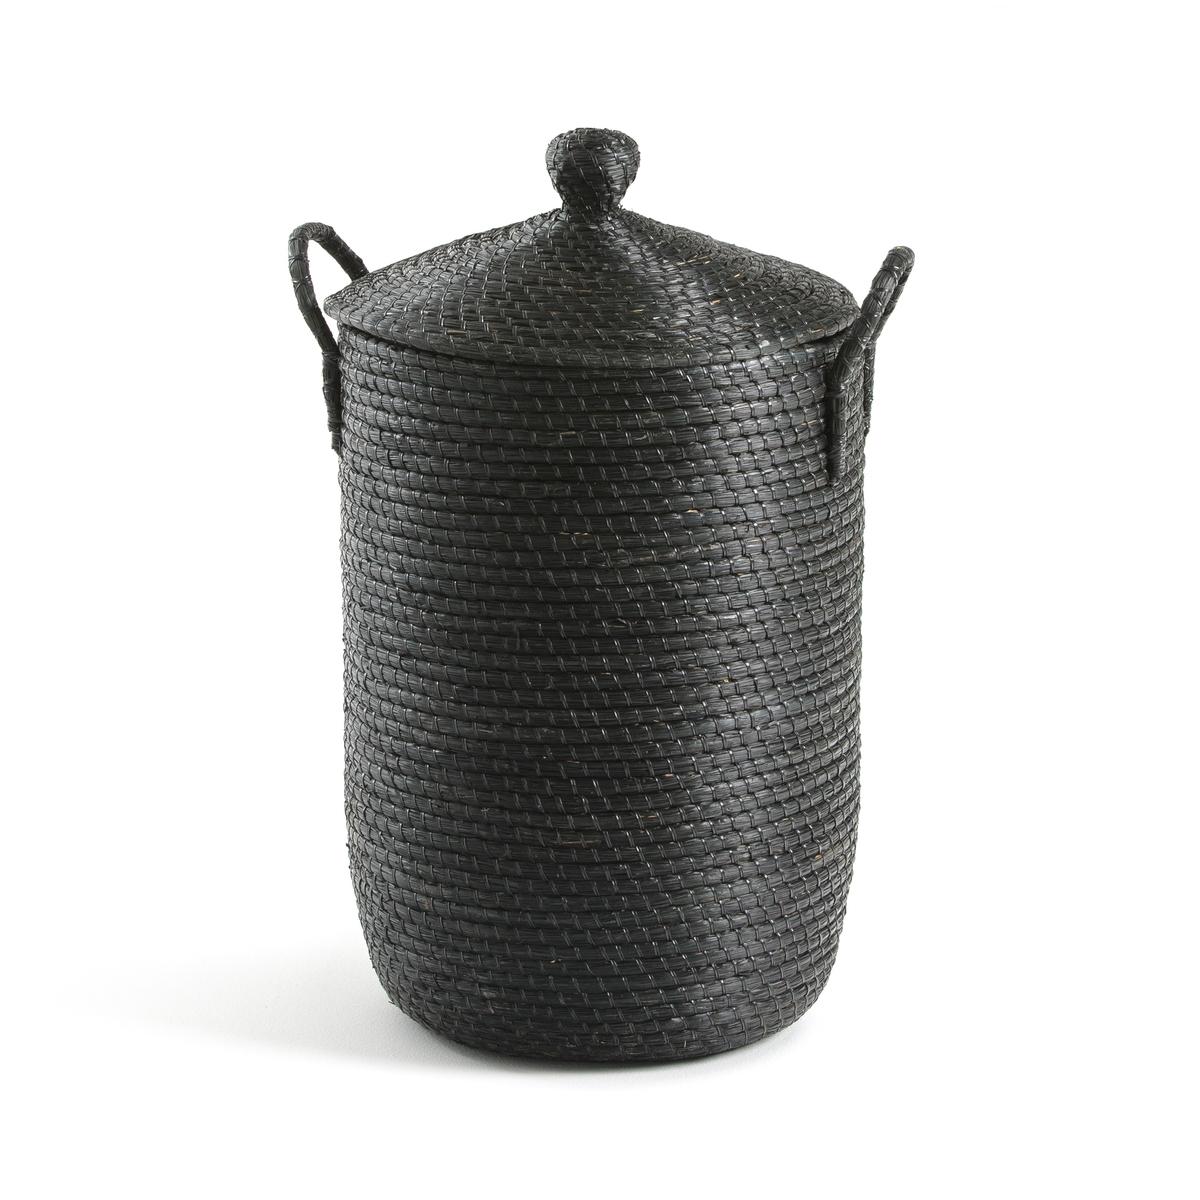 Фото - Корзина LaRedoute Для белья из плетеной рисовой соломы Honoka единый размер черный корзина laredoute для белья из ткани louison единый размер серый